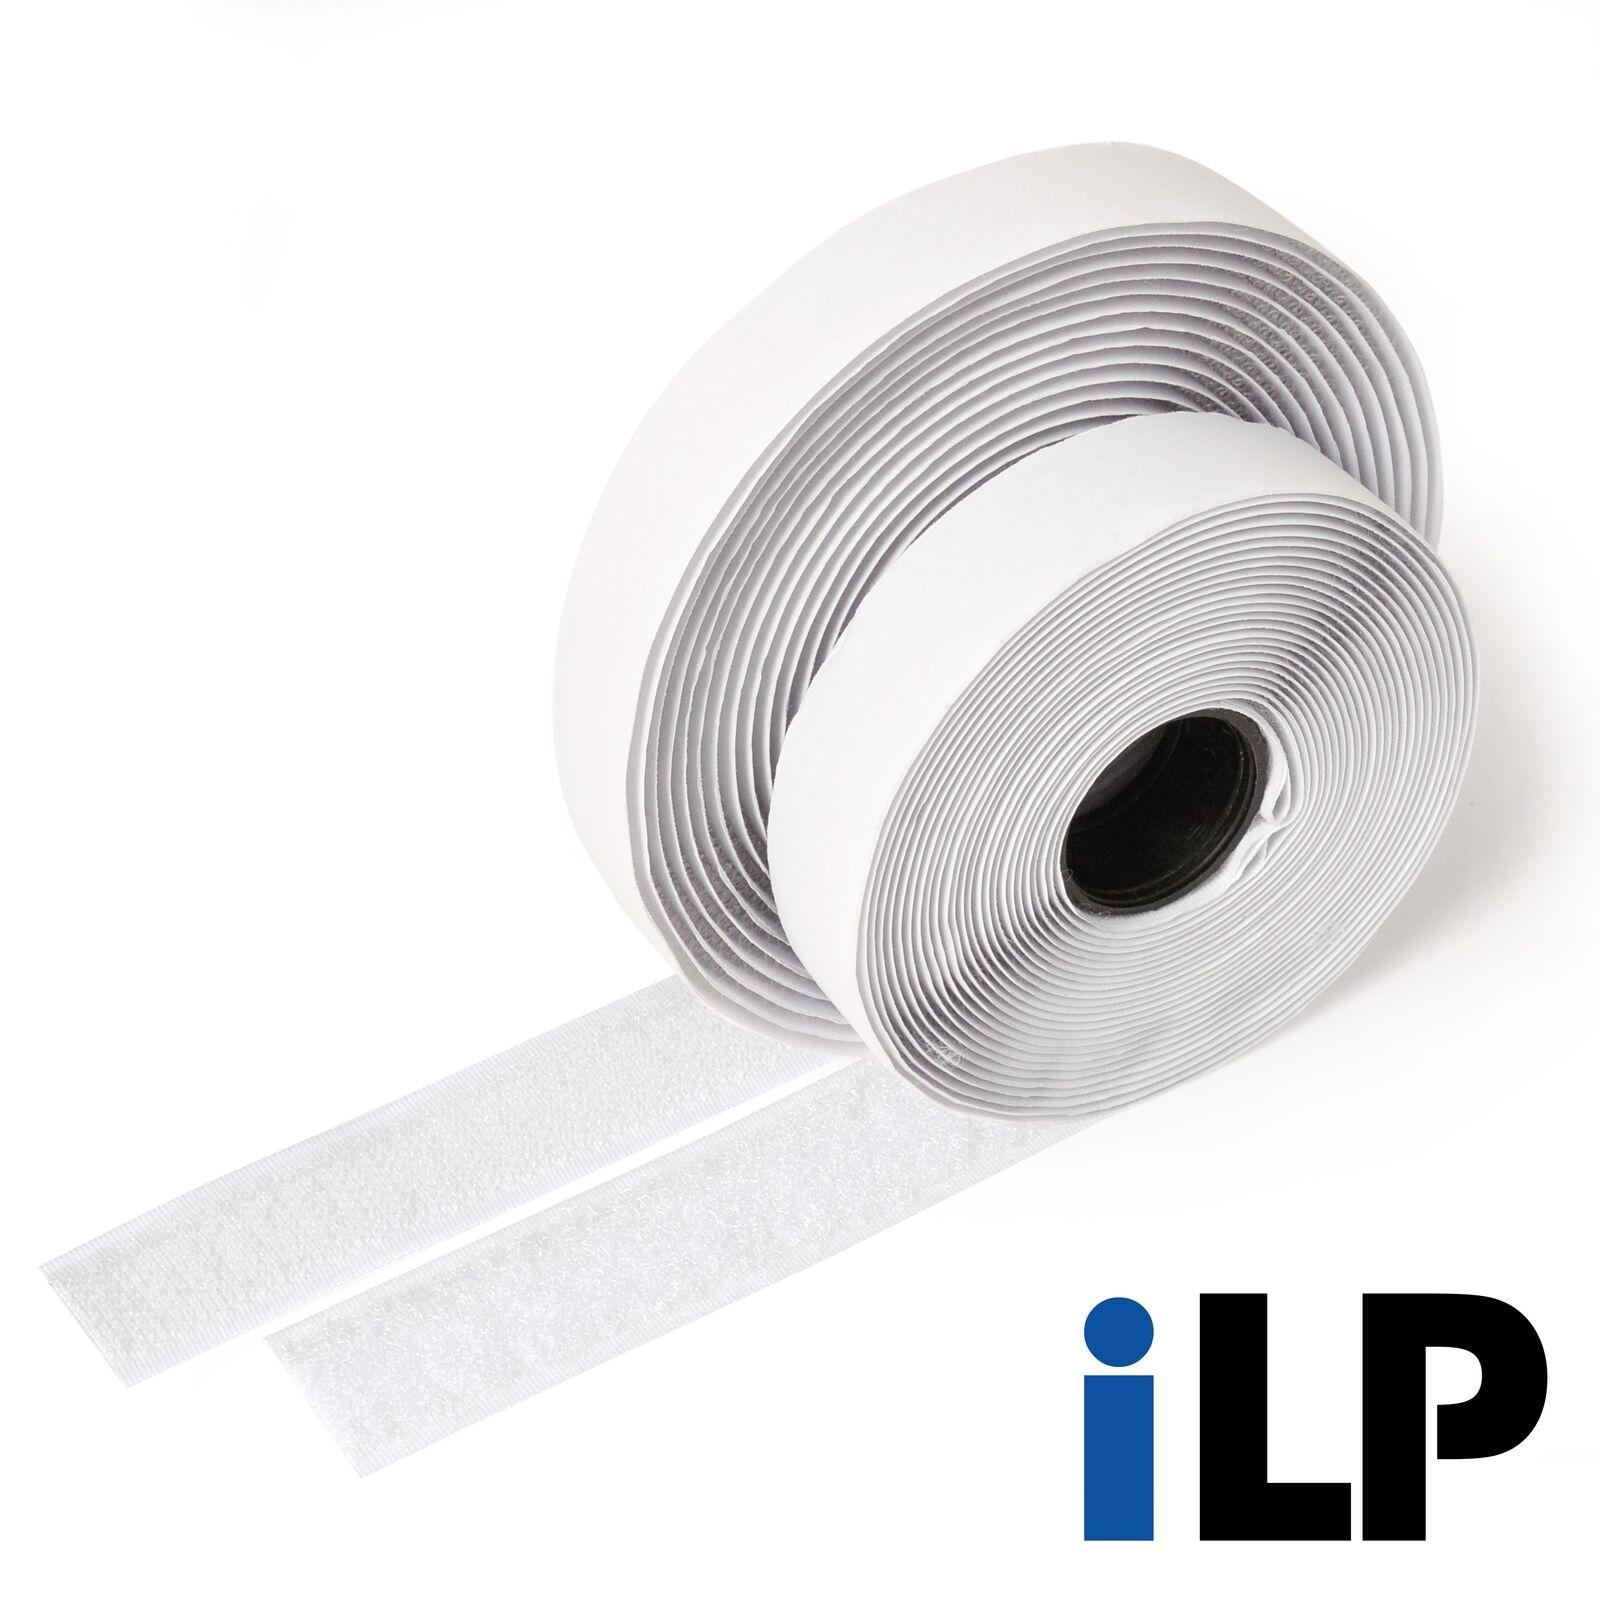 Klettband weiß selbstklebend 5 Meter lang ca. 20 mm breit extra starke Fixierung